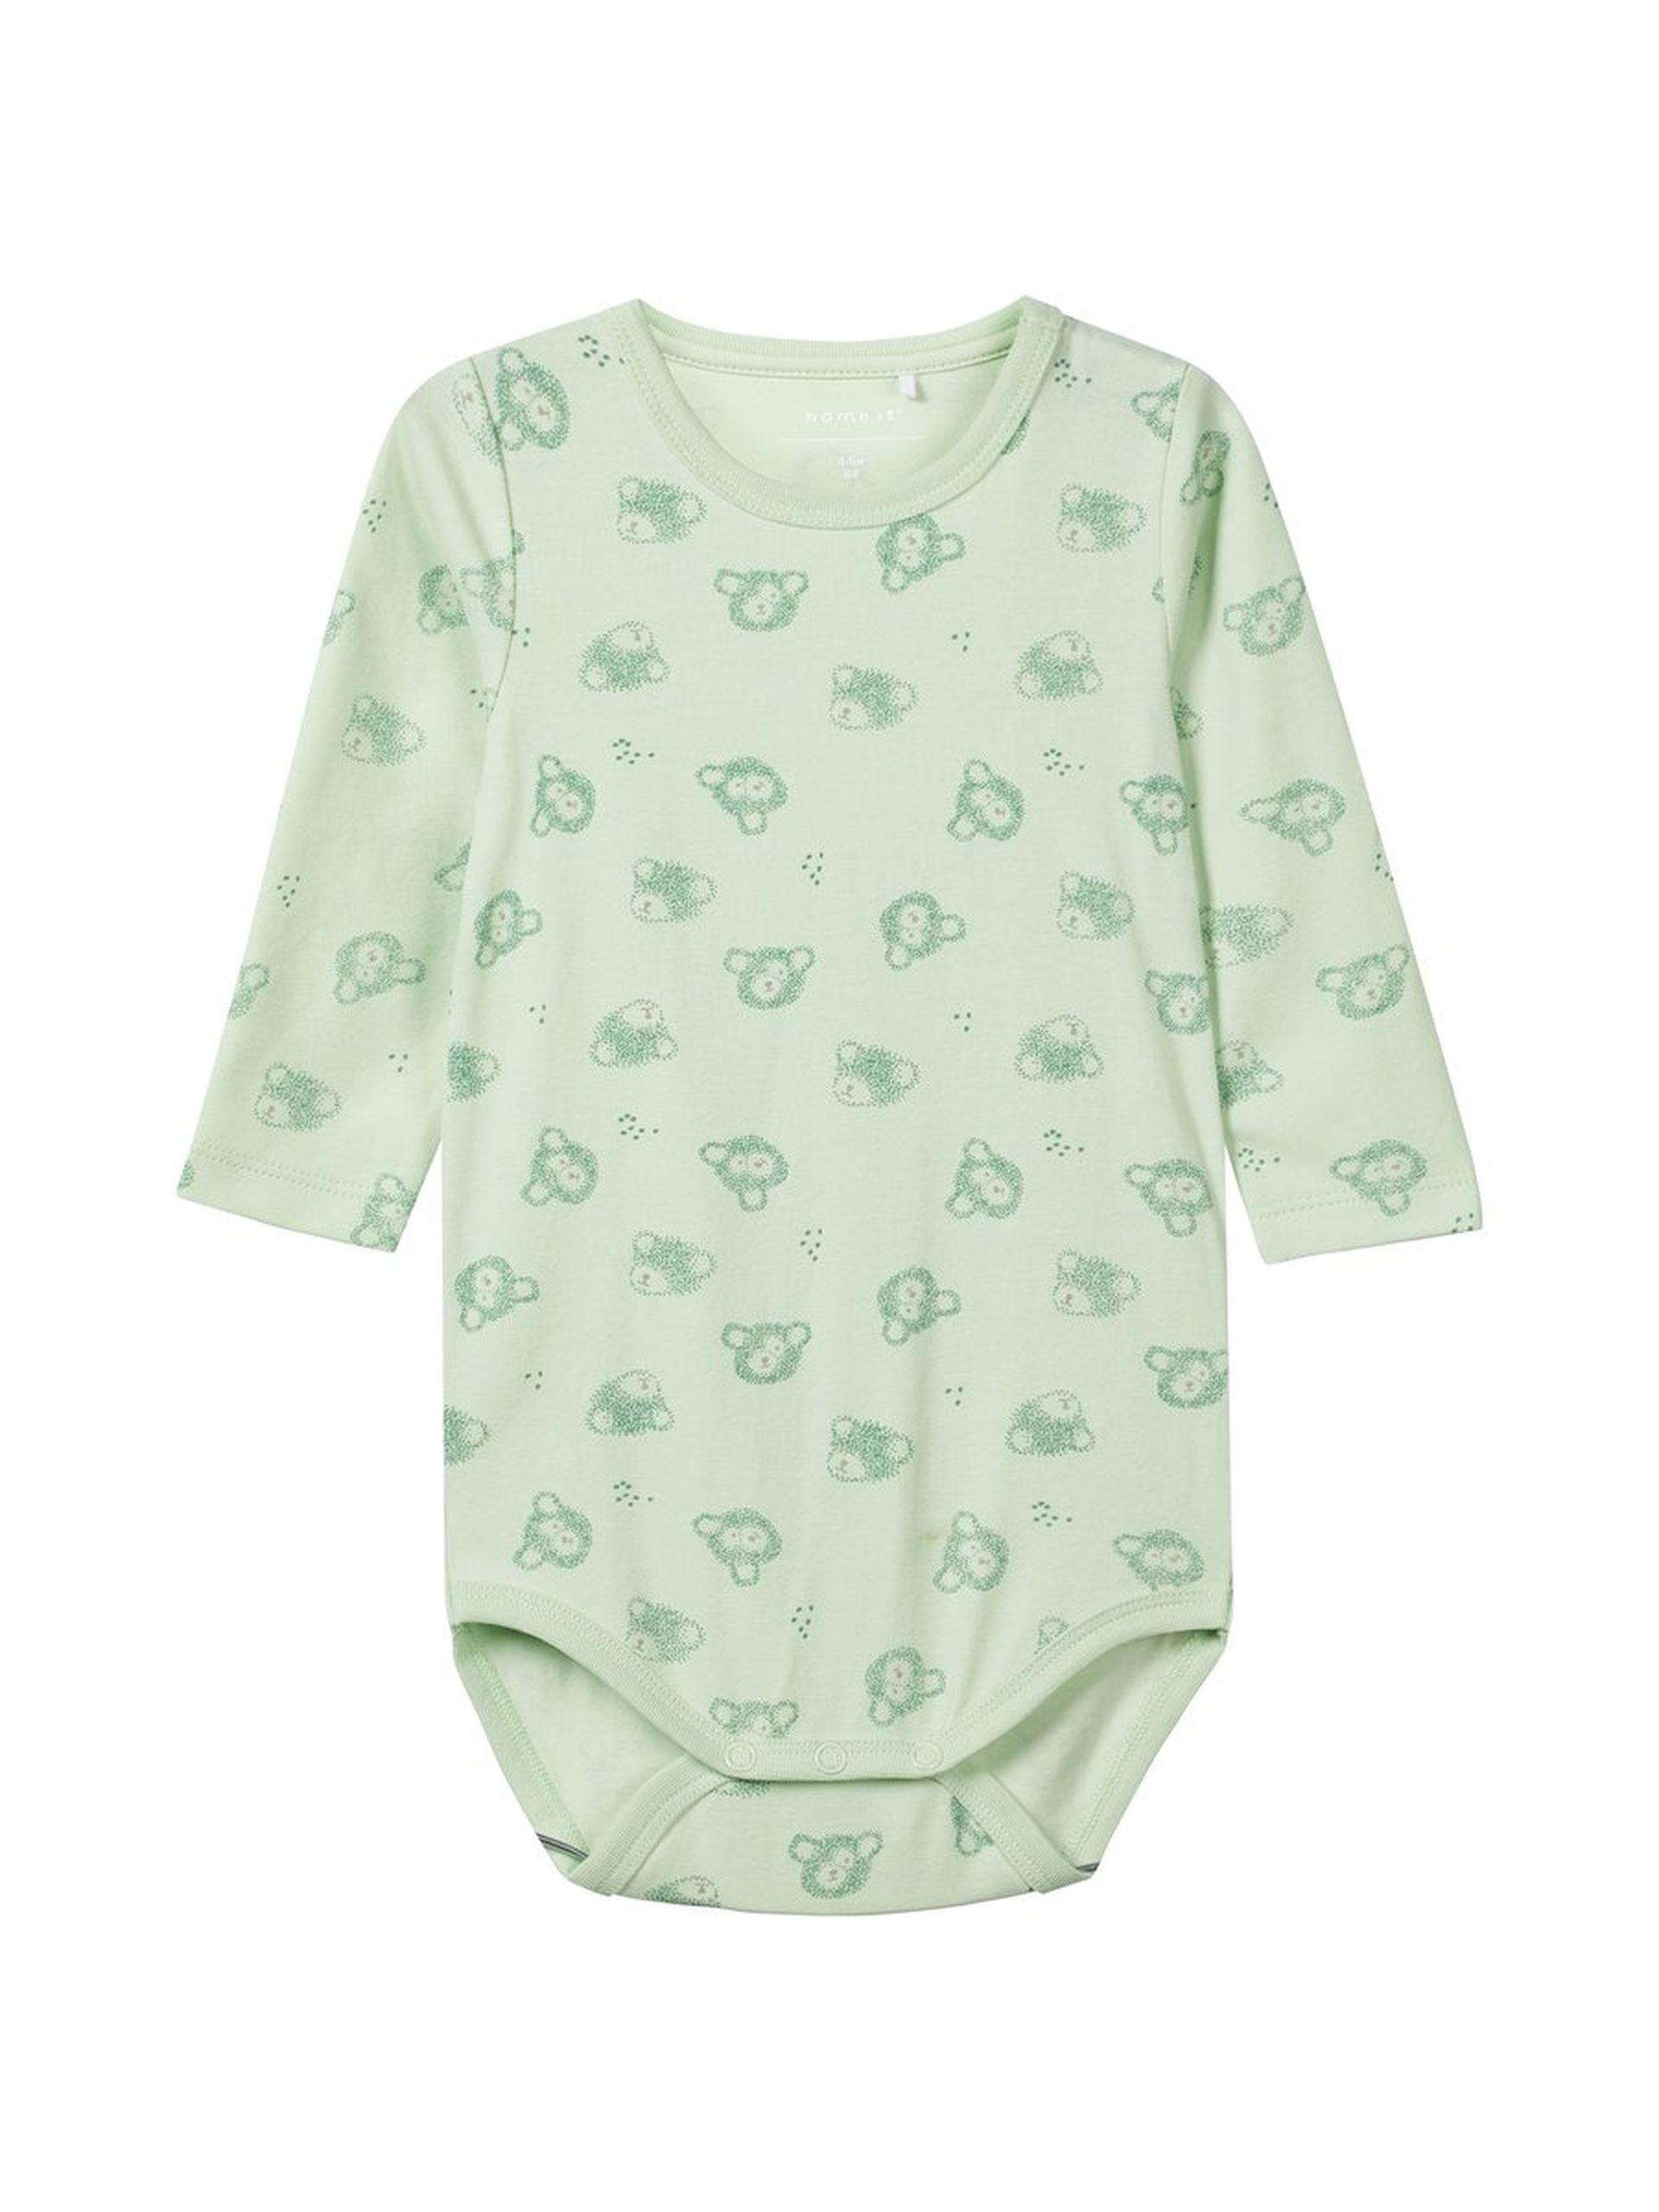 960f7456 Grønn body til barn. Lyse grønn body til baby fra Name It barneklær.